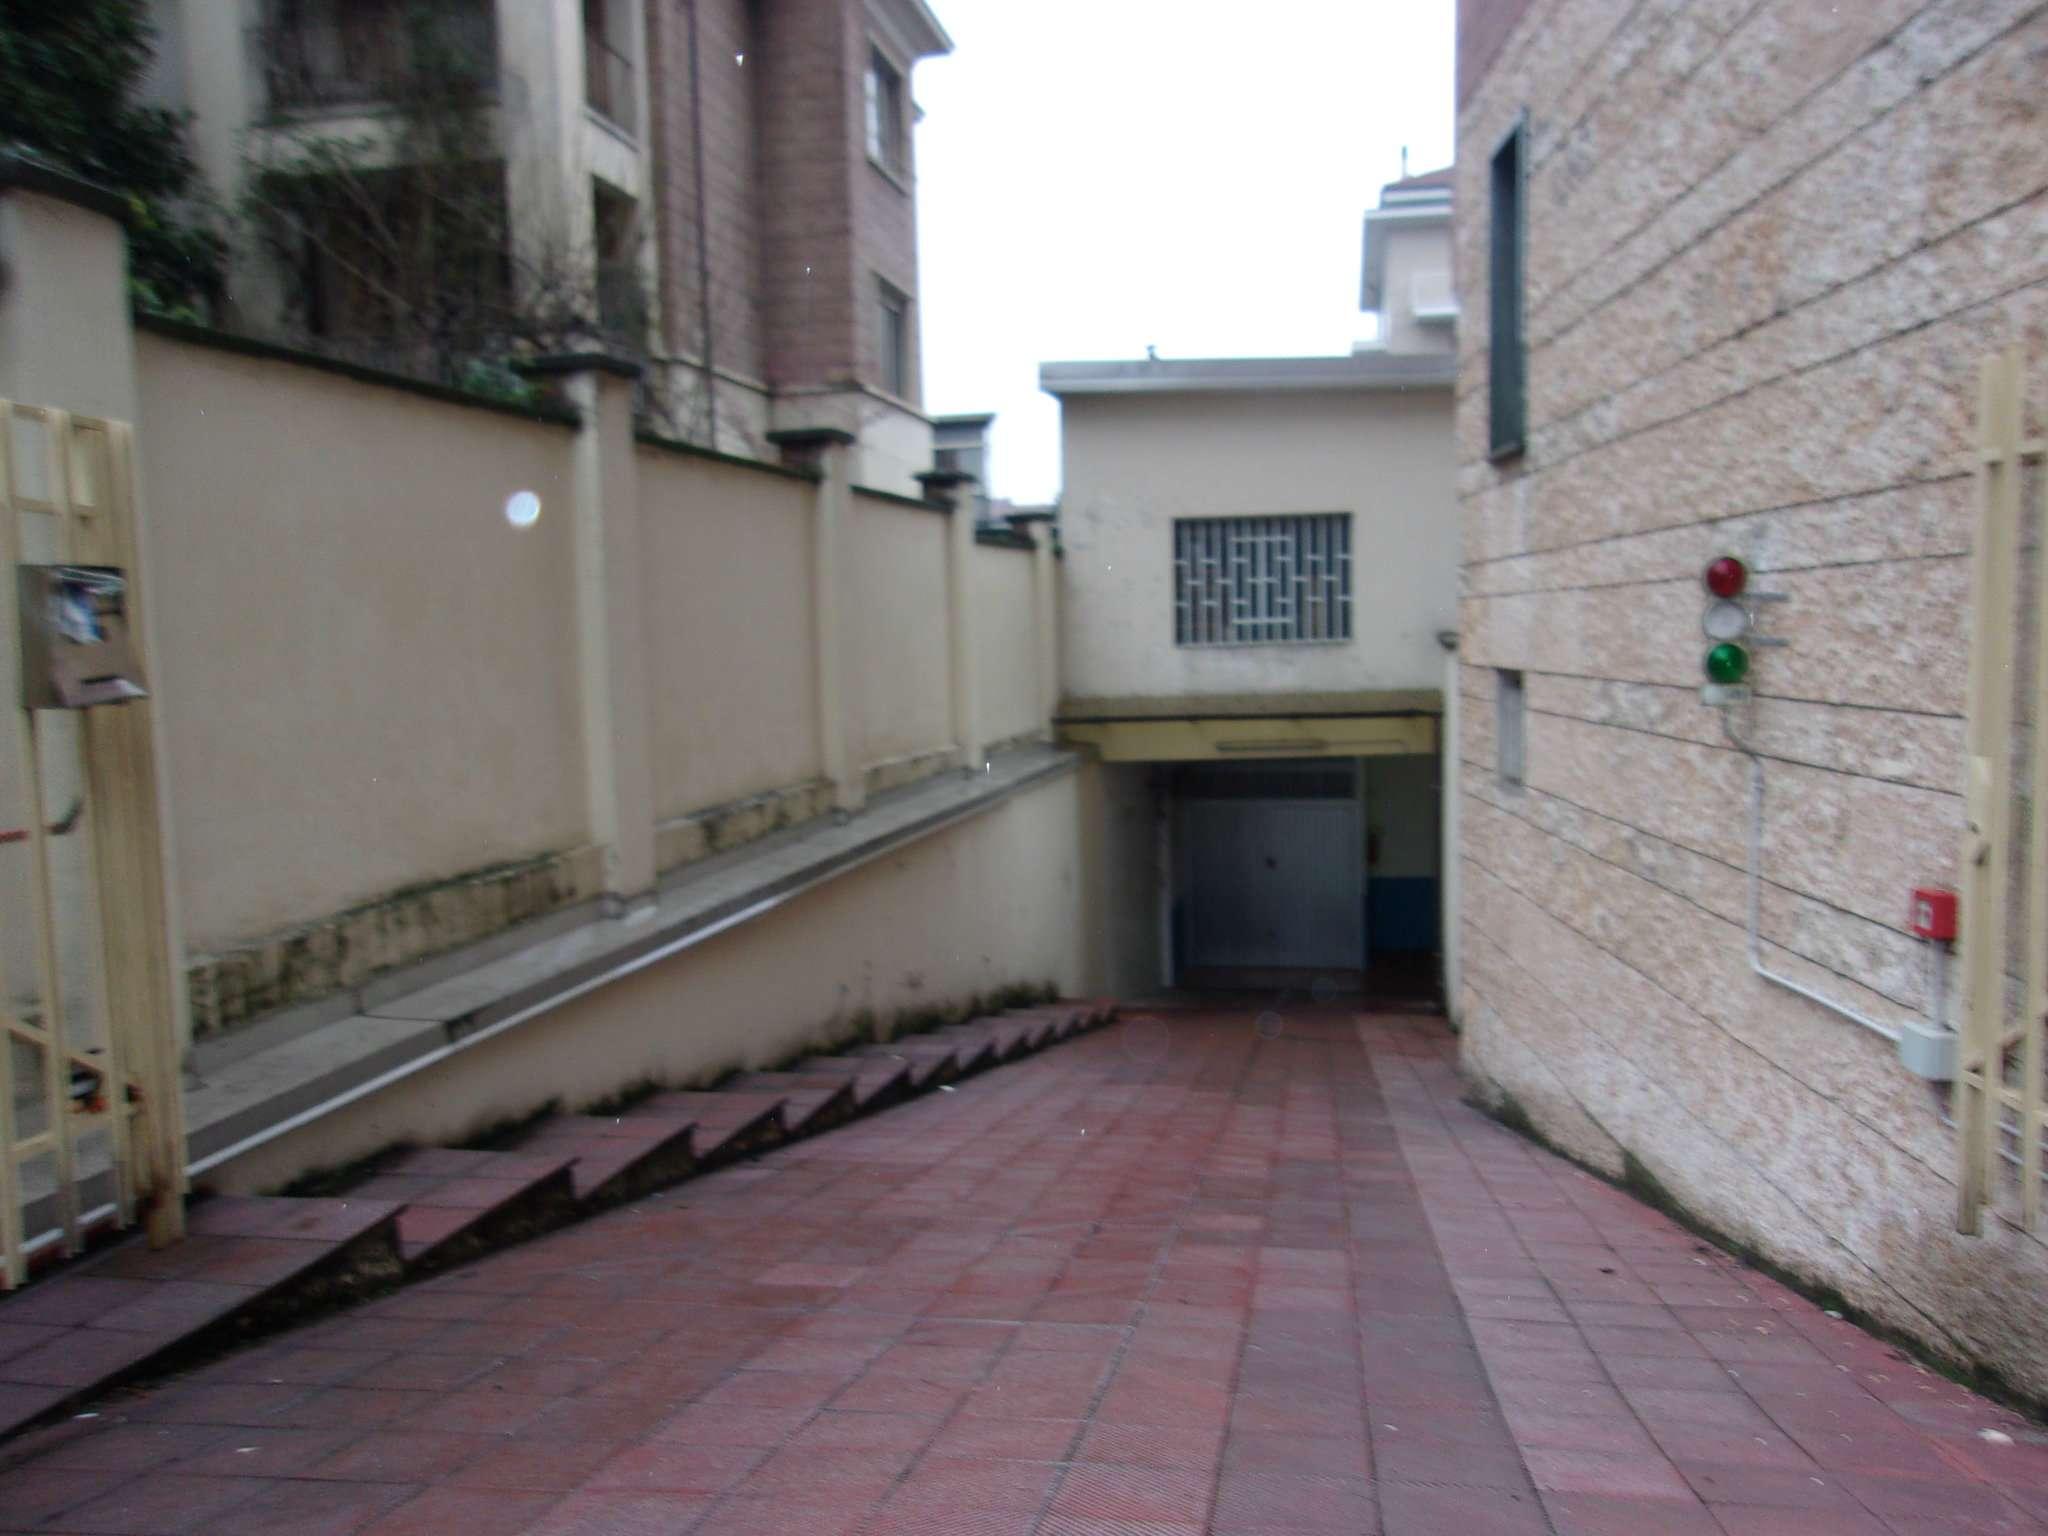 Magazzino in Vendita a Torino Semicentro Ovest: 1 locali, 85 mq